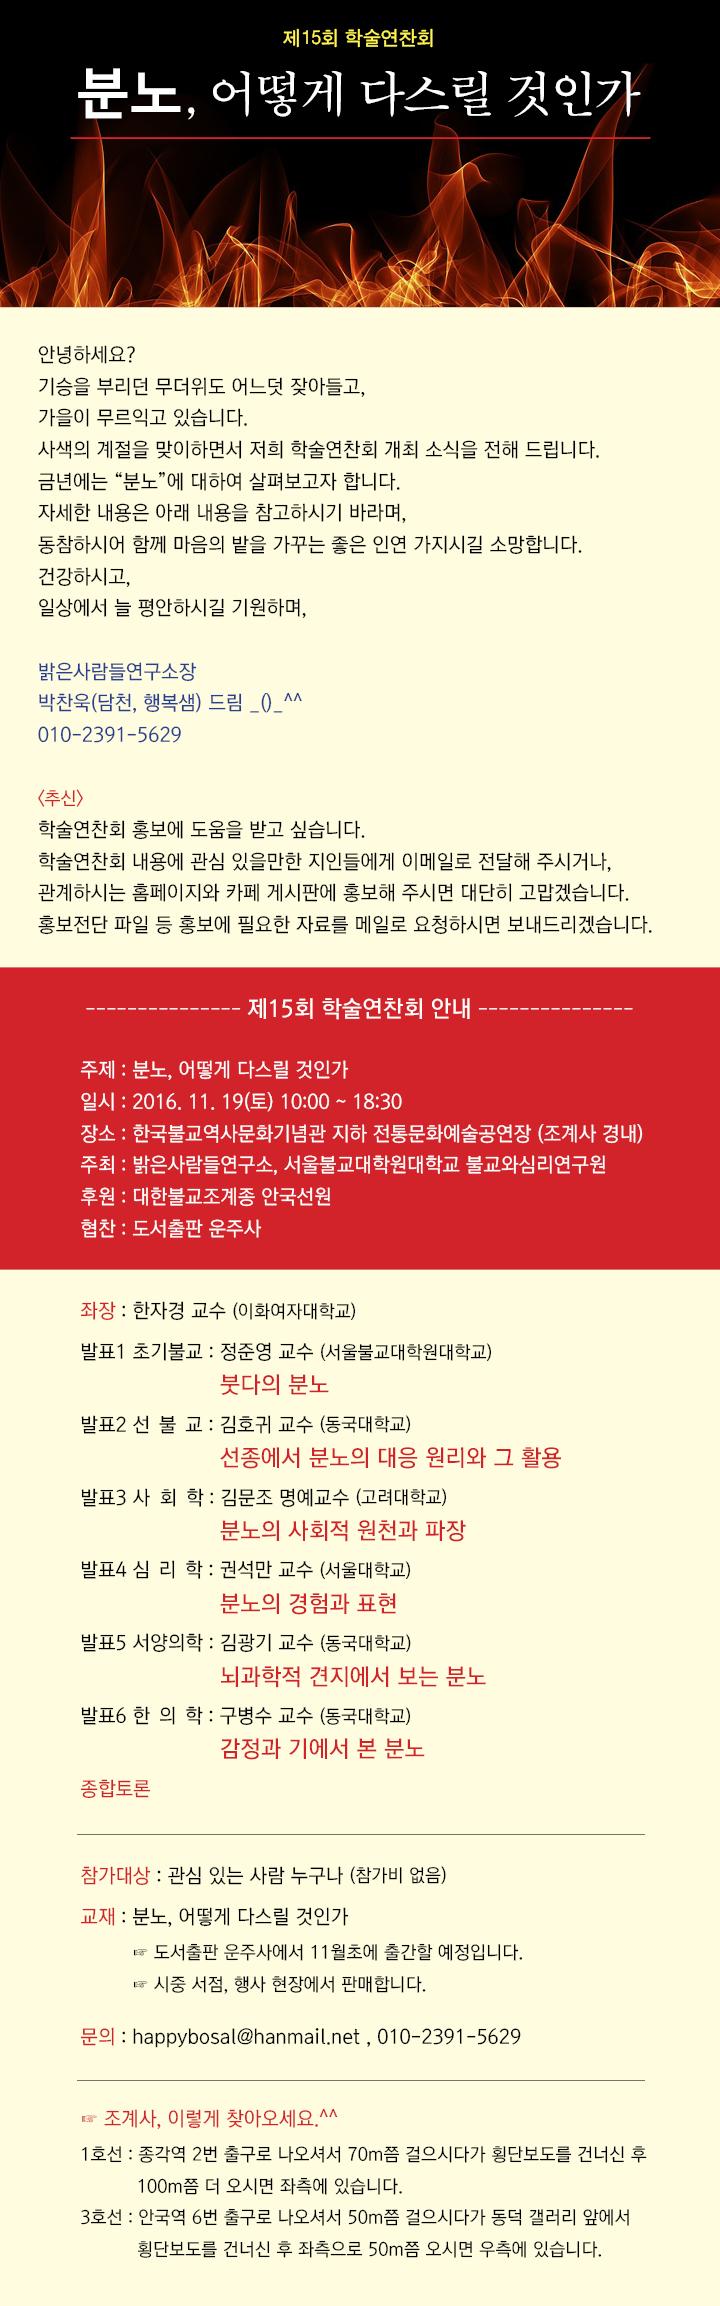 제15회분노홍보메일(1).jpg